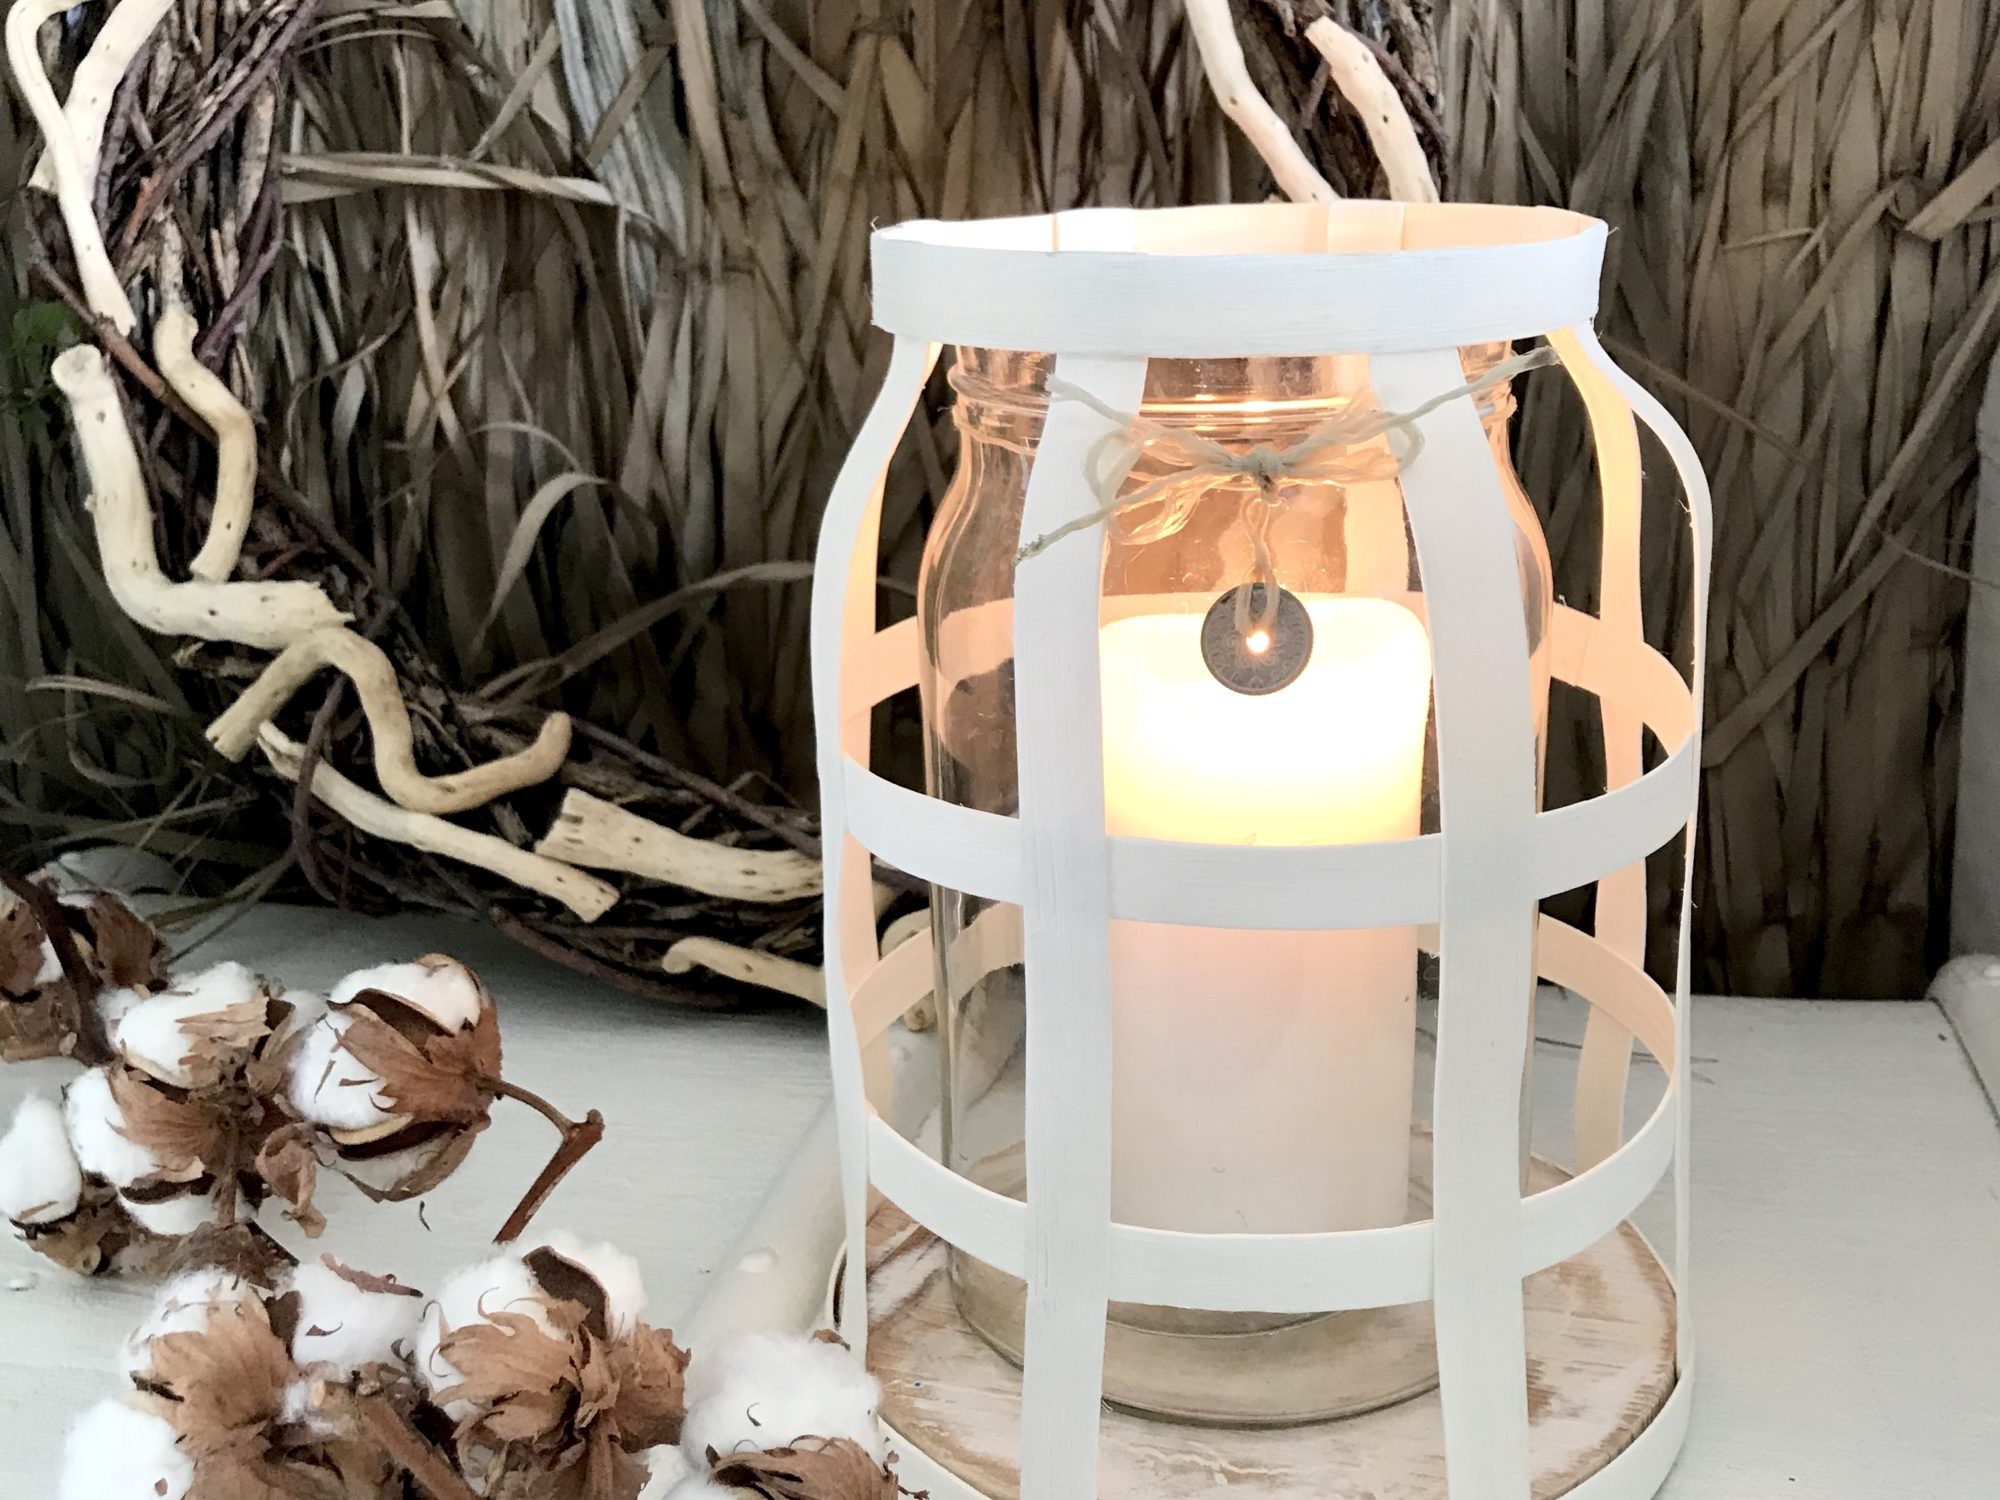 DIY: Großes Windlicht aus Rattan im Boho Stil selber machen. Sommerdeko, Herbstdeko, Winterdeko, Chalet8, Blog, DIY, Rattanband, Rattanstäbe, Rattan, Windlicht, Boho, Trend, Dekoration. #Chalet8, #Windlicht